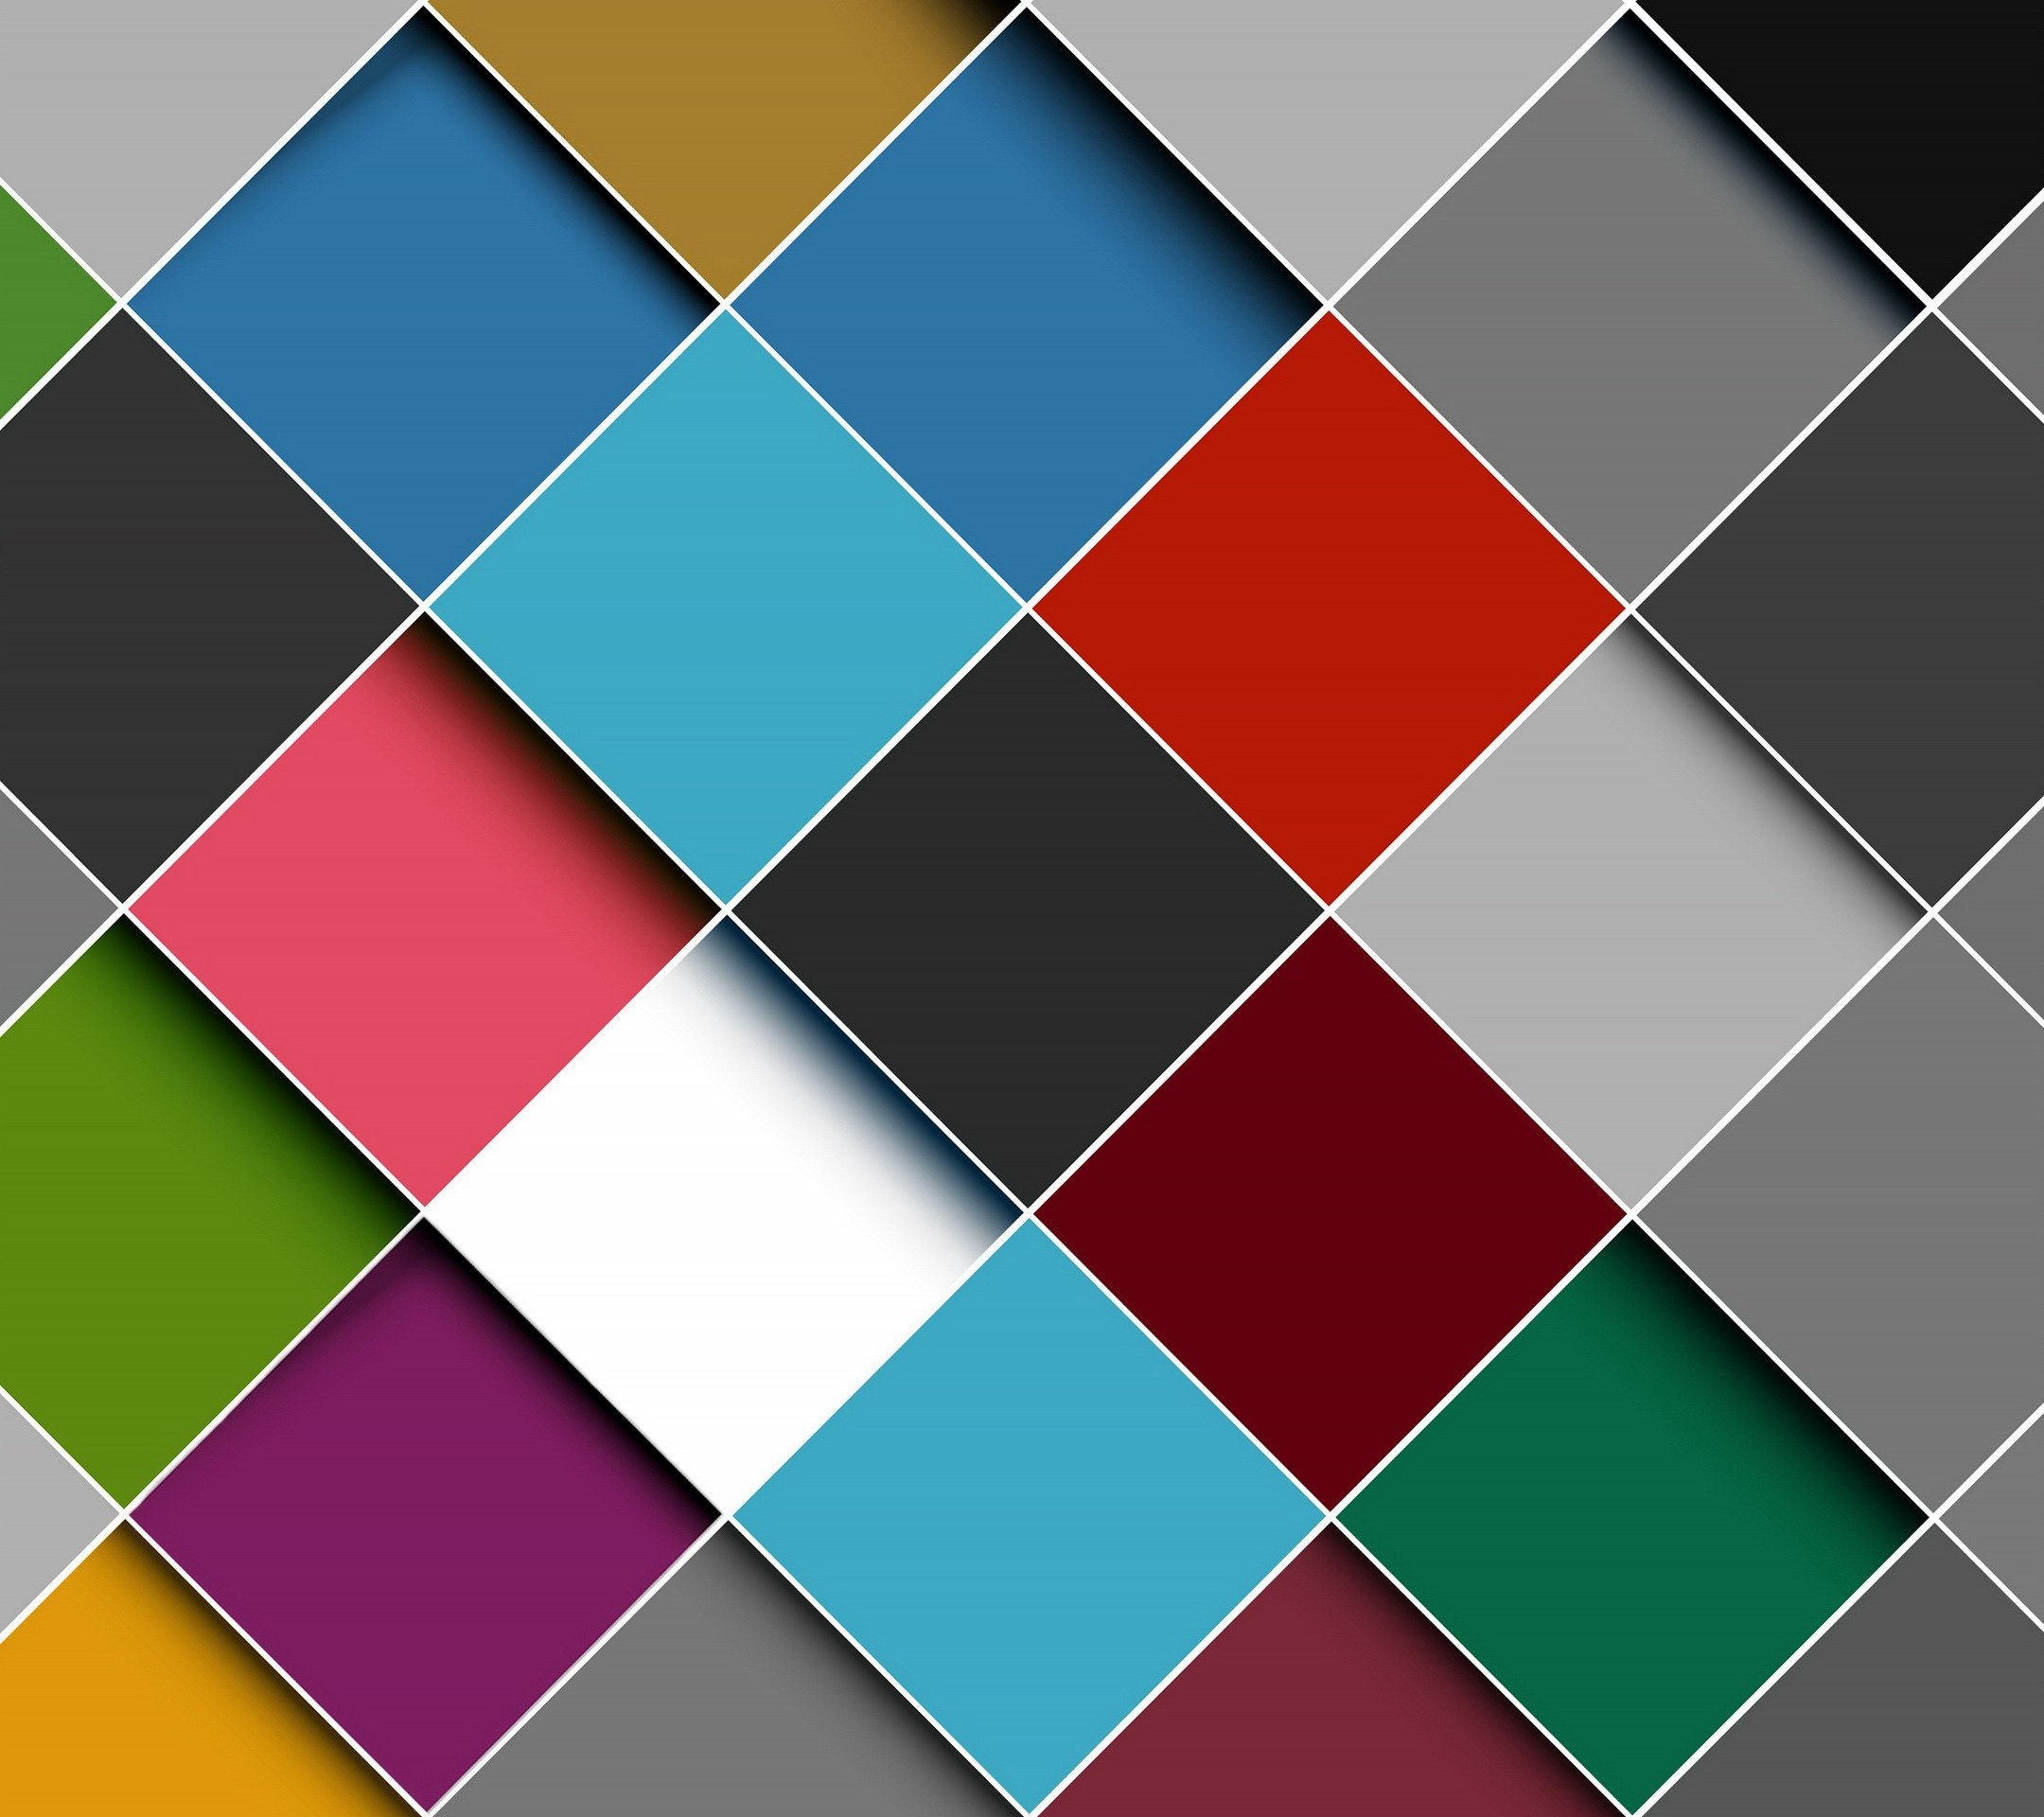 interior colorful wallpaper right - photo #39